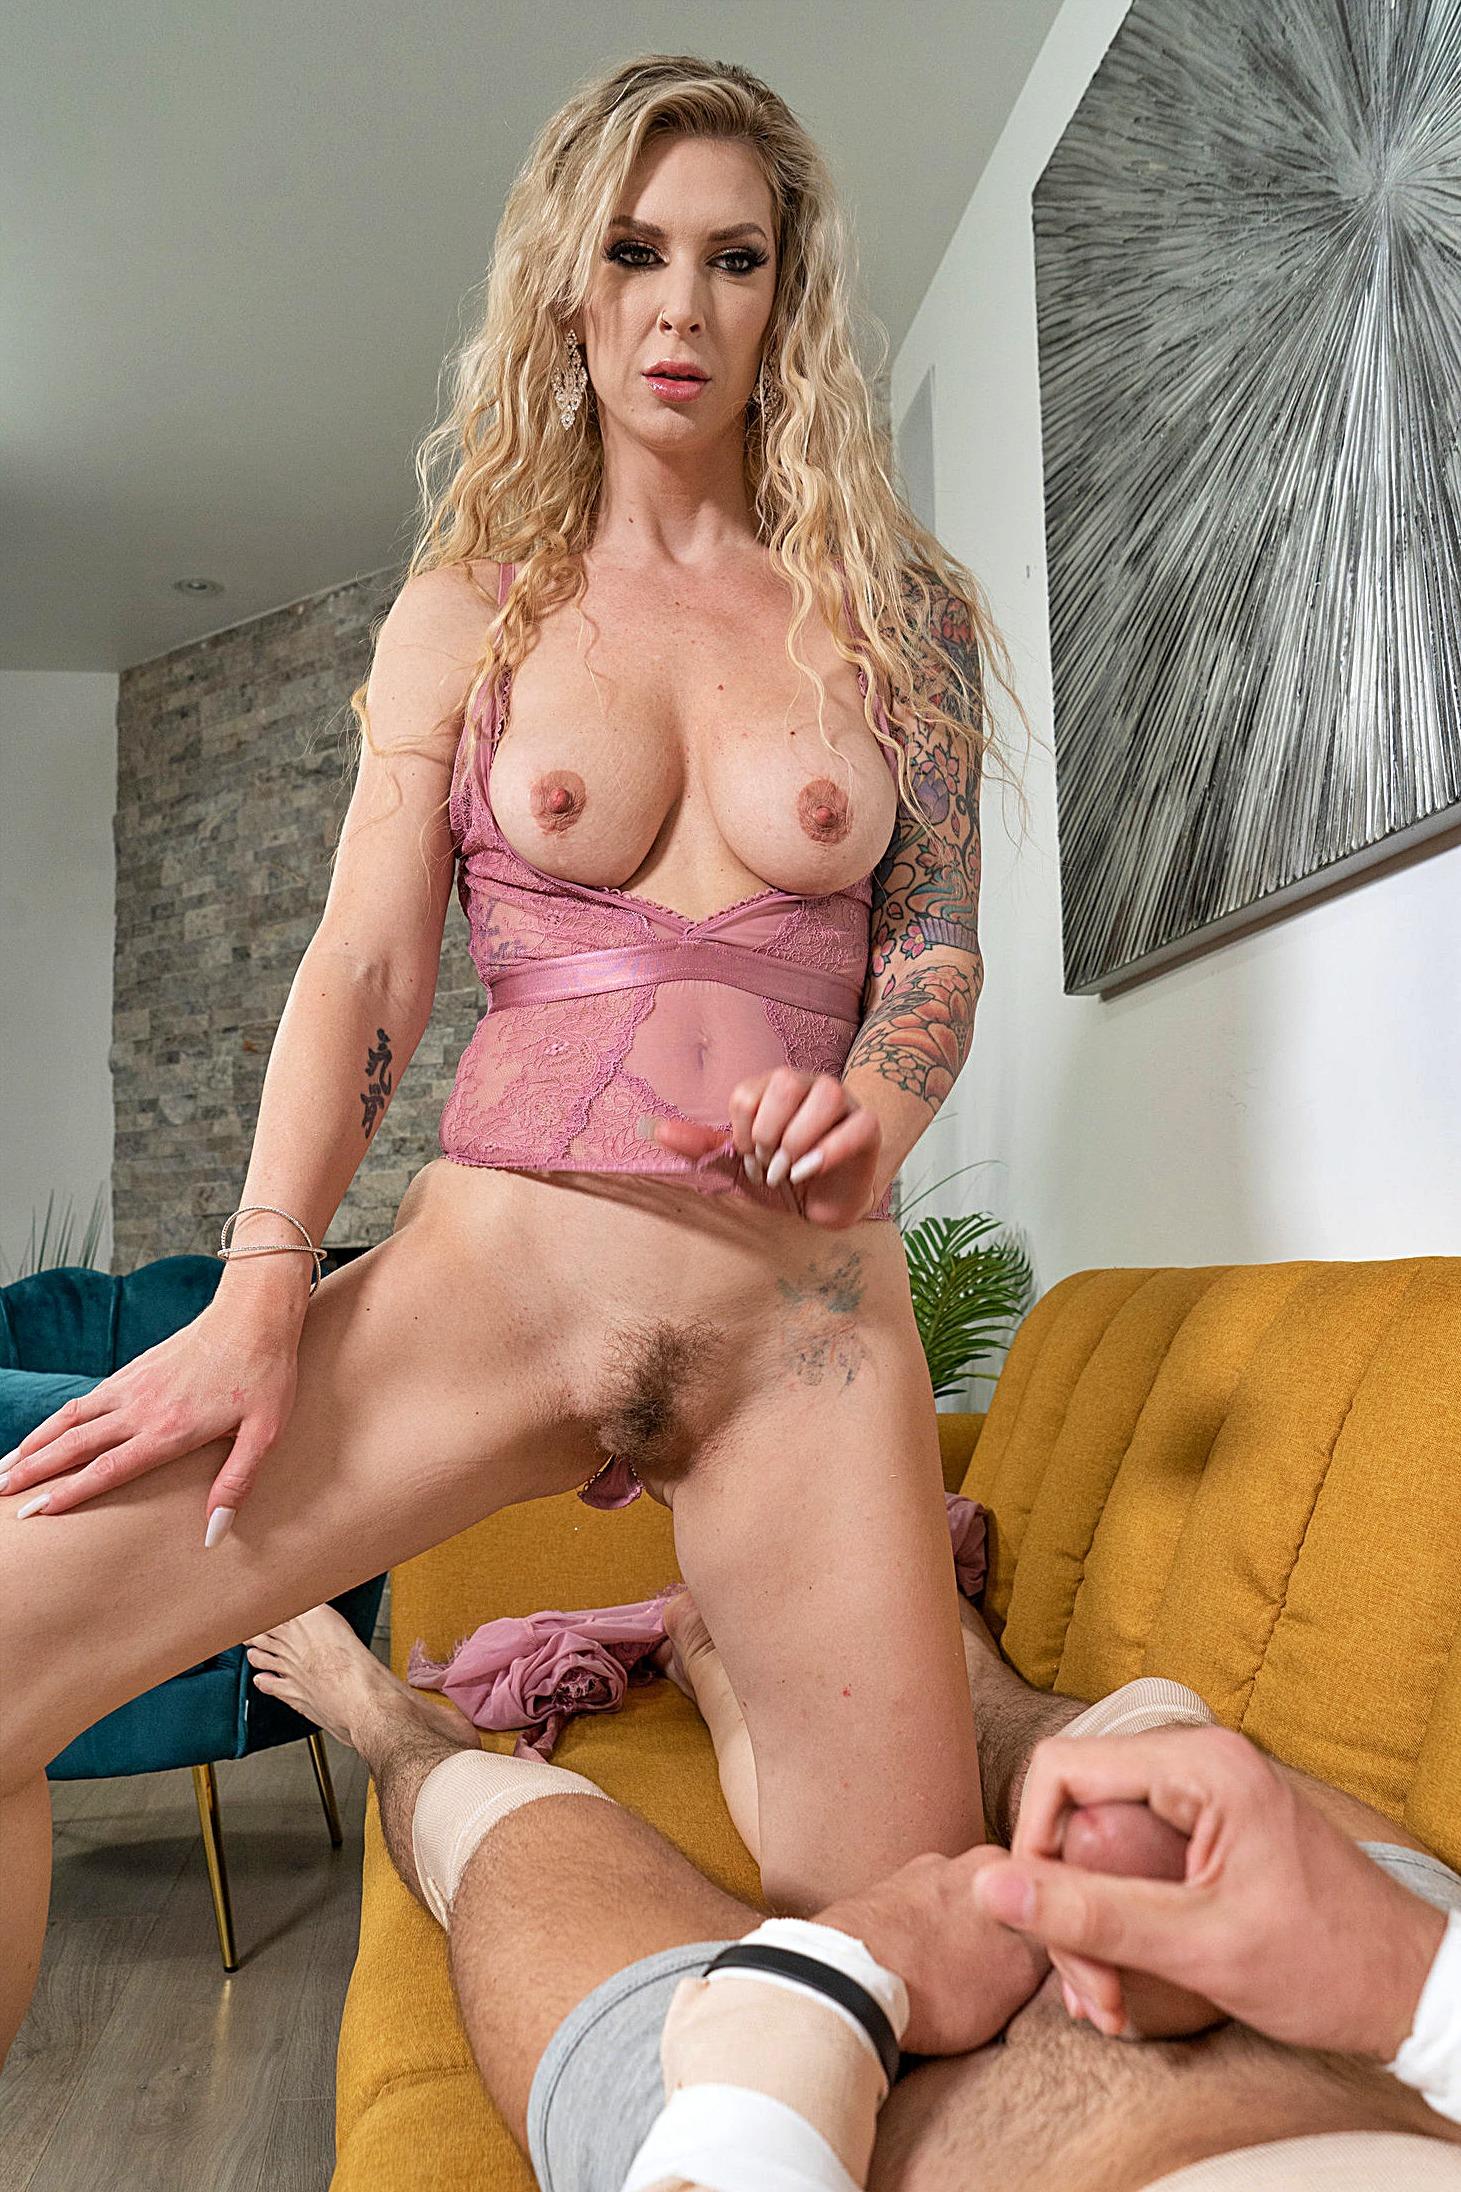 Blonde Girl Having Fun